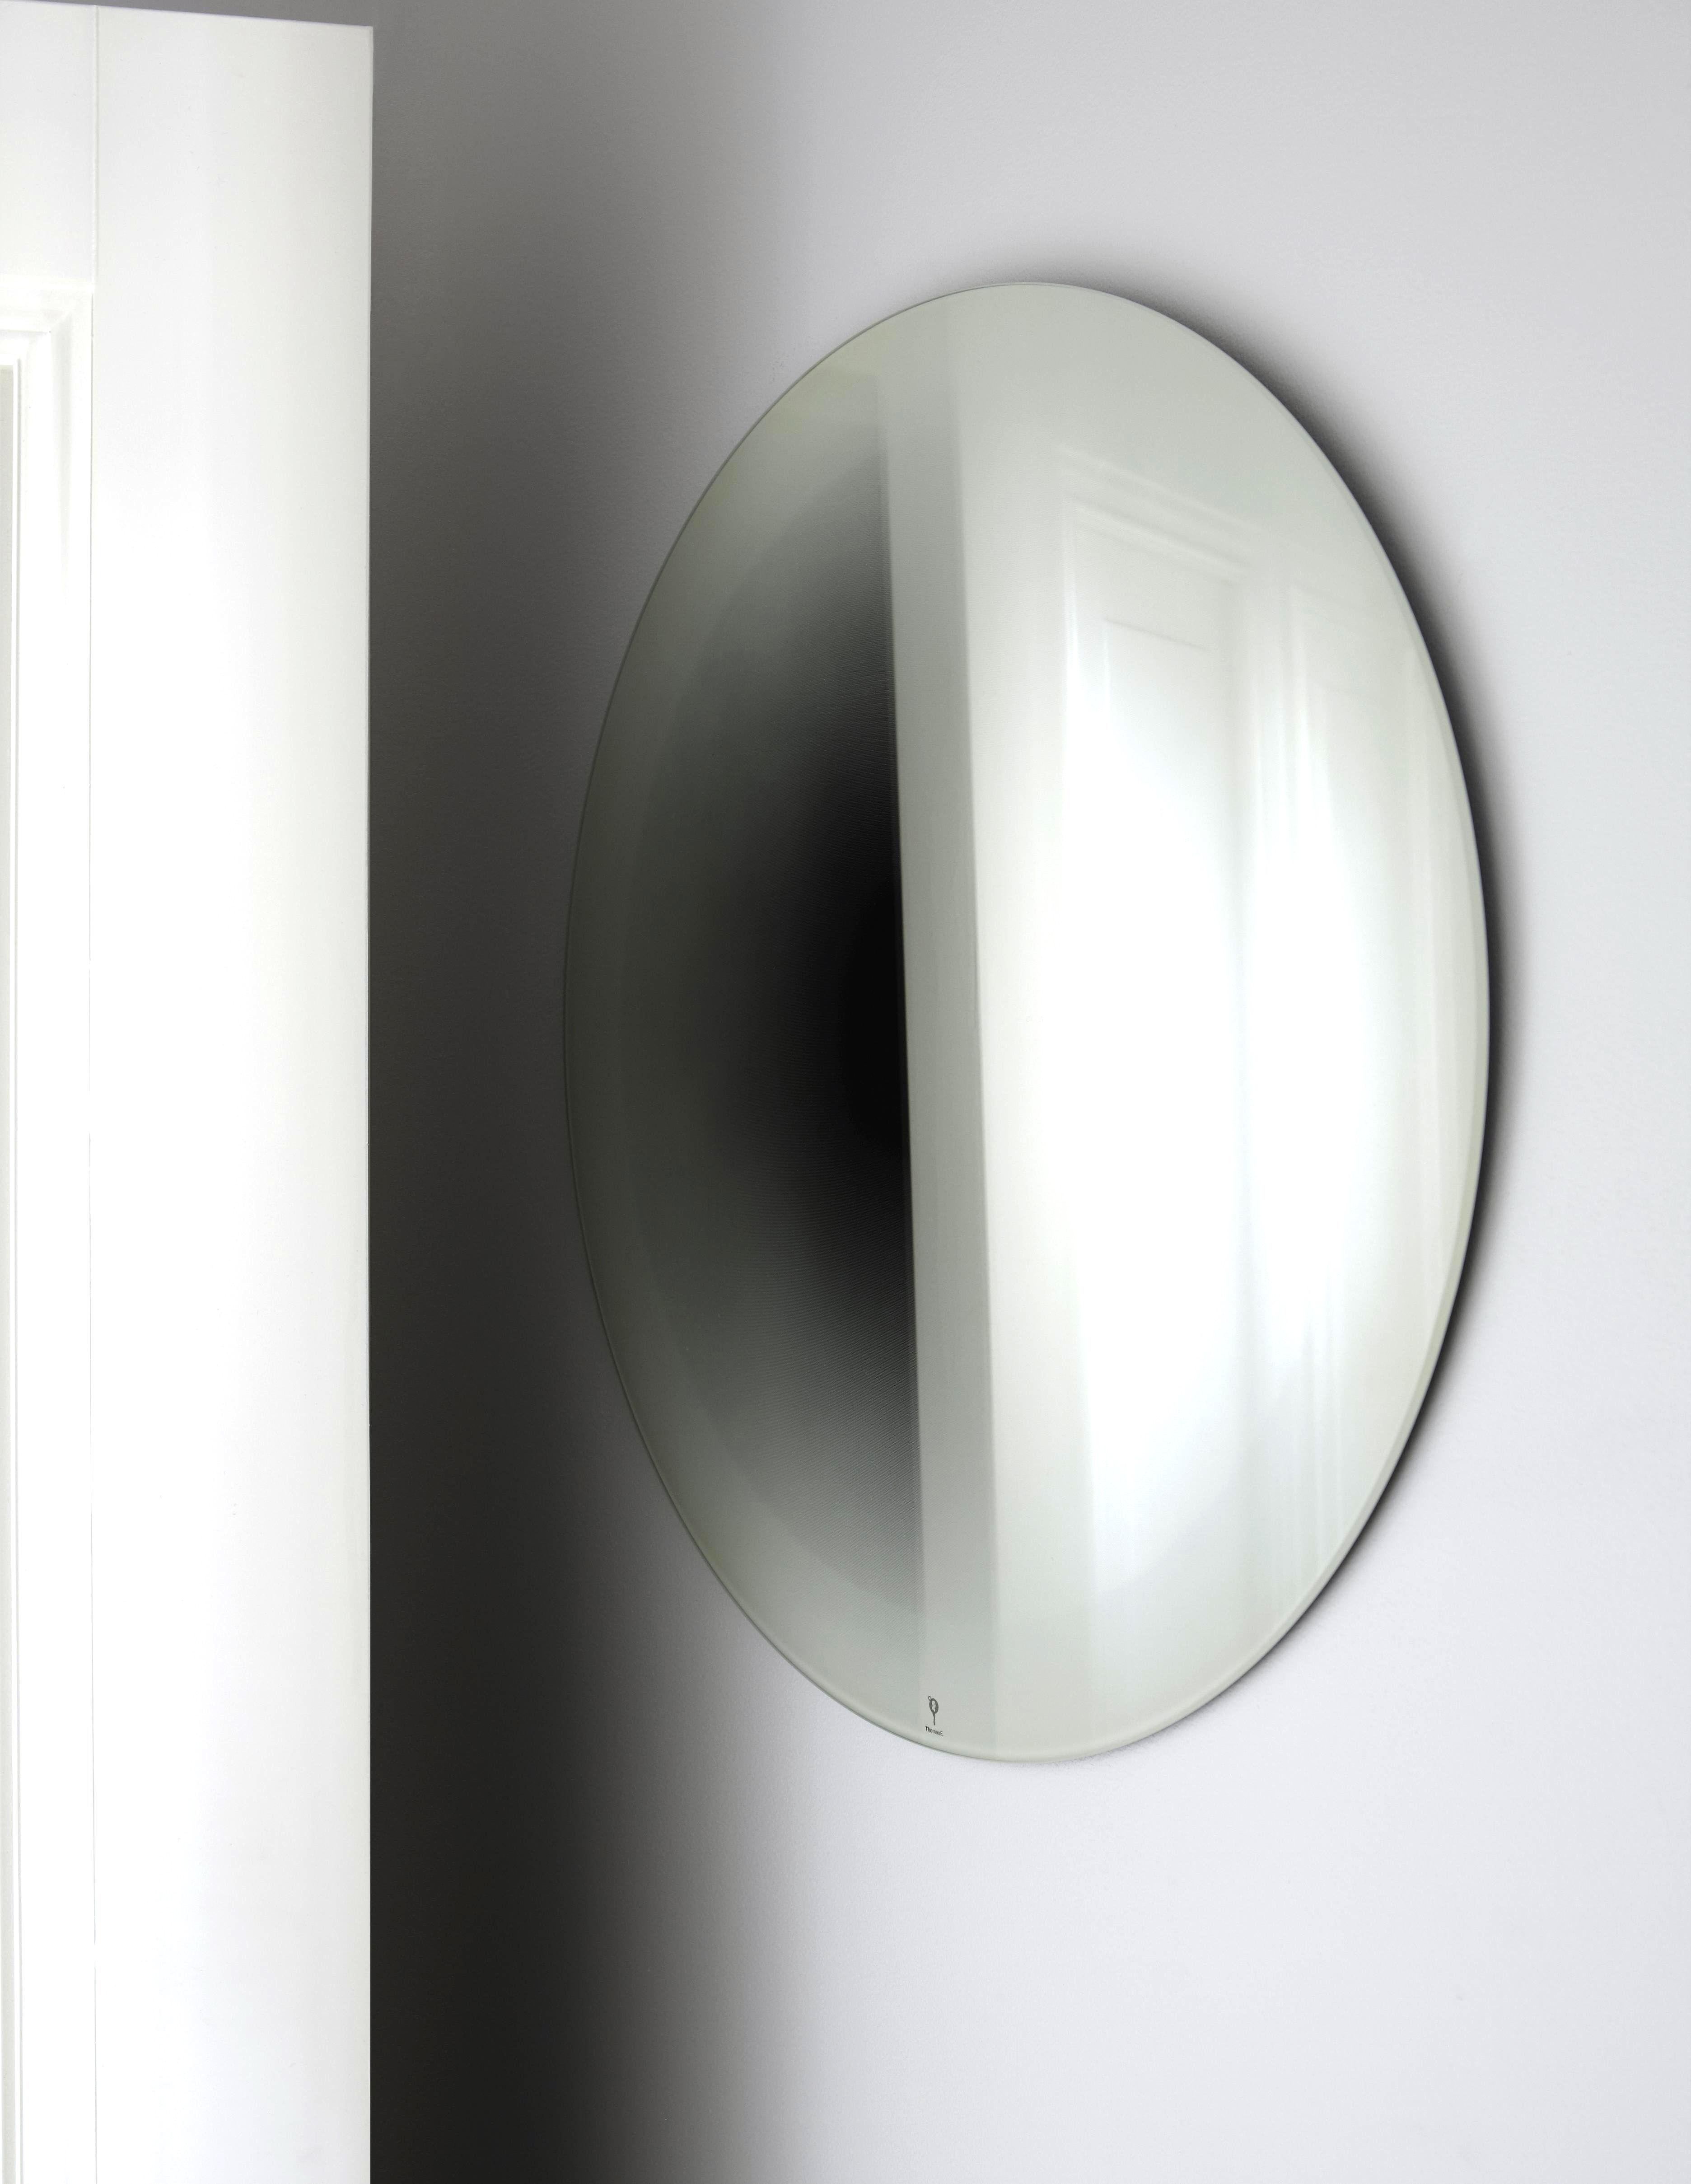 Arredamento - Specchi - Specchio murale Fading Small - Ø 55 cm di ENOstudio - Bianco - Argento, Vetro